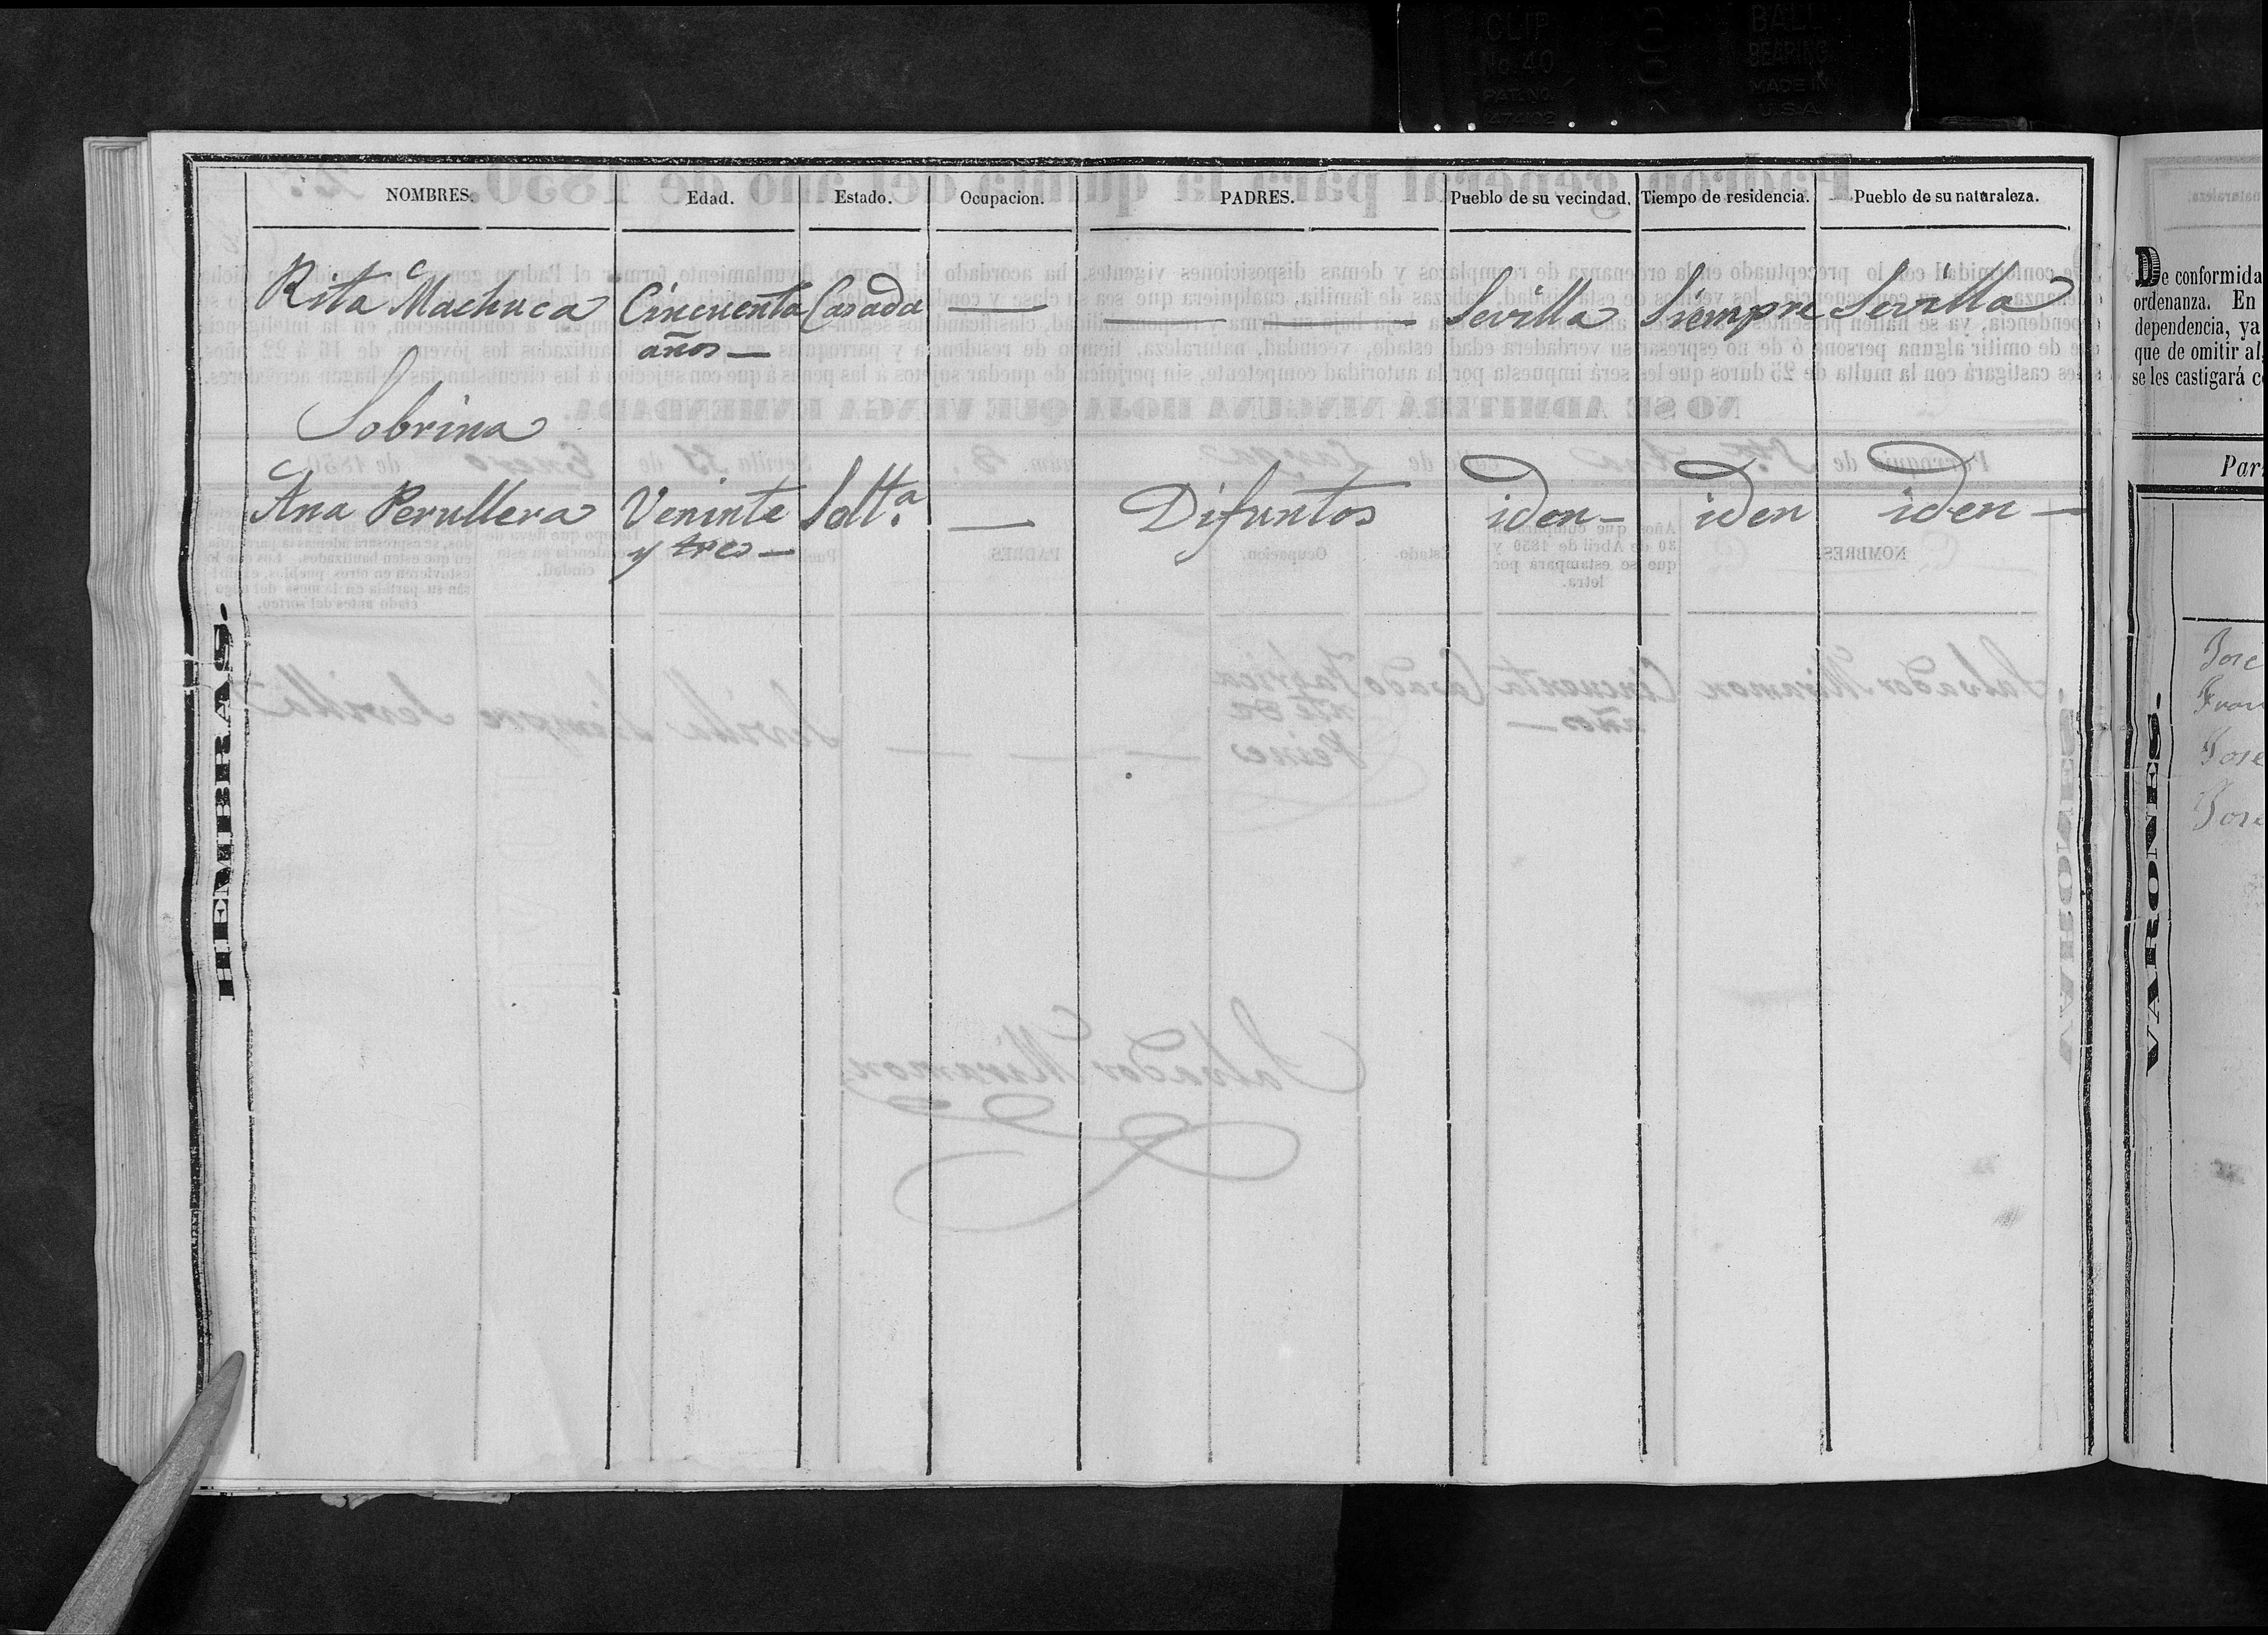 Segunda pagina del padrón de quintas del año 1842